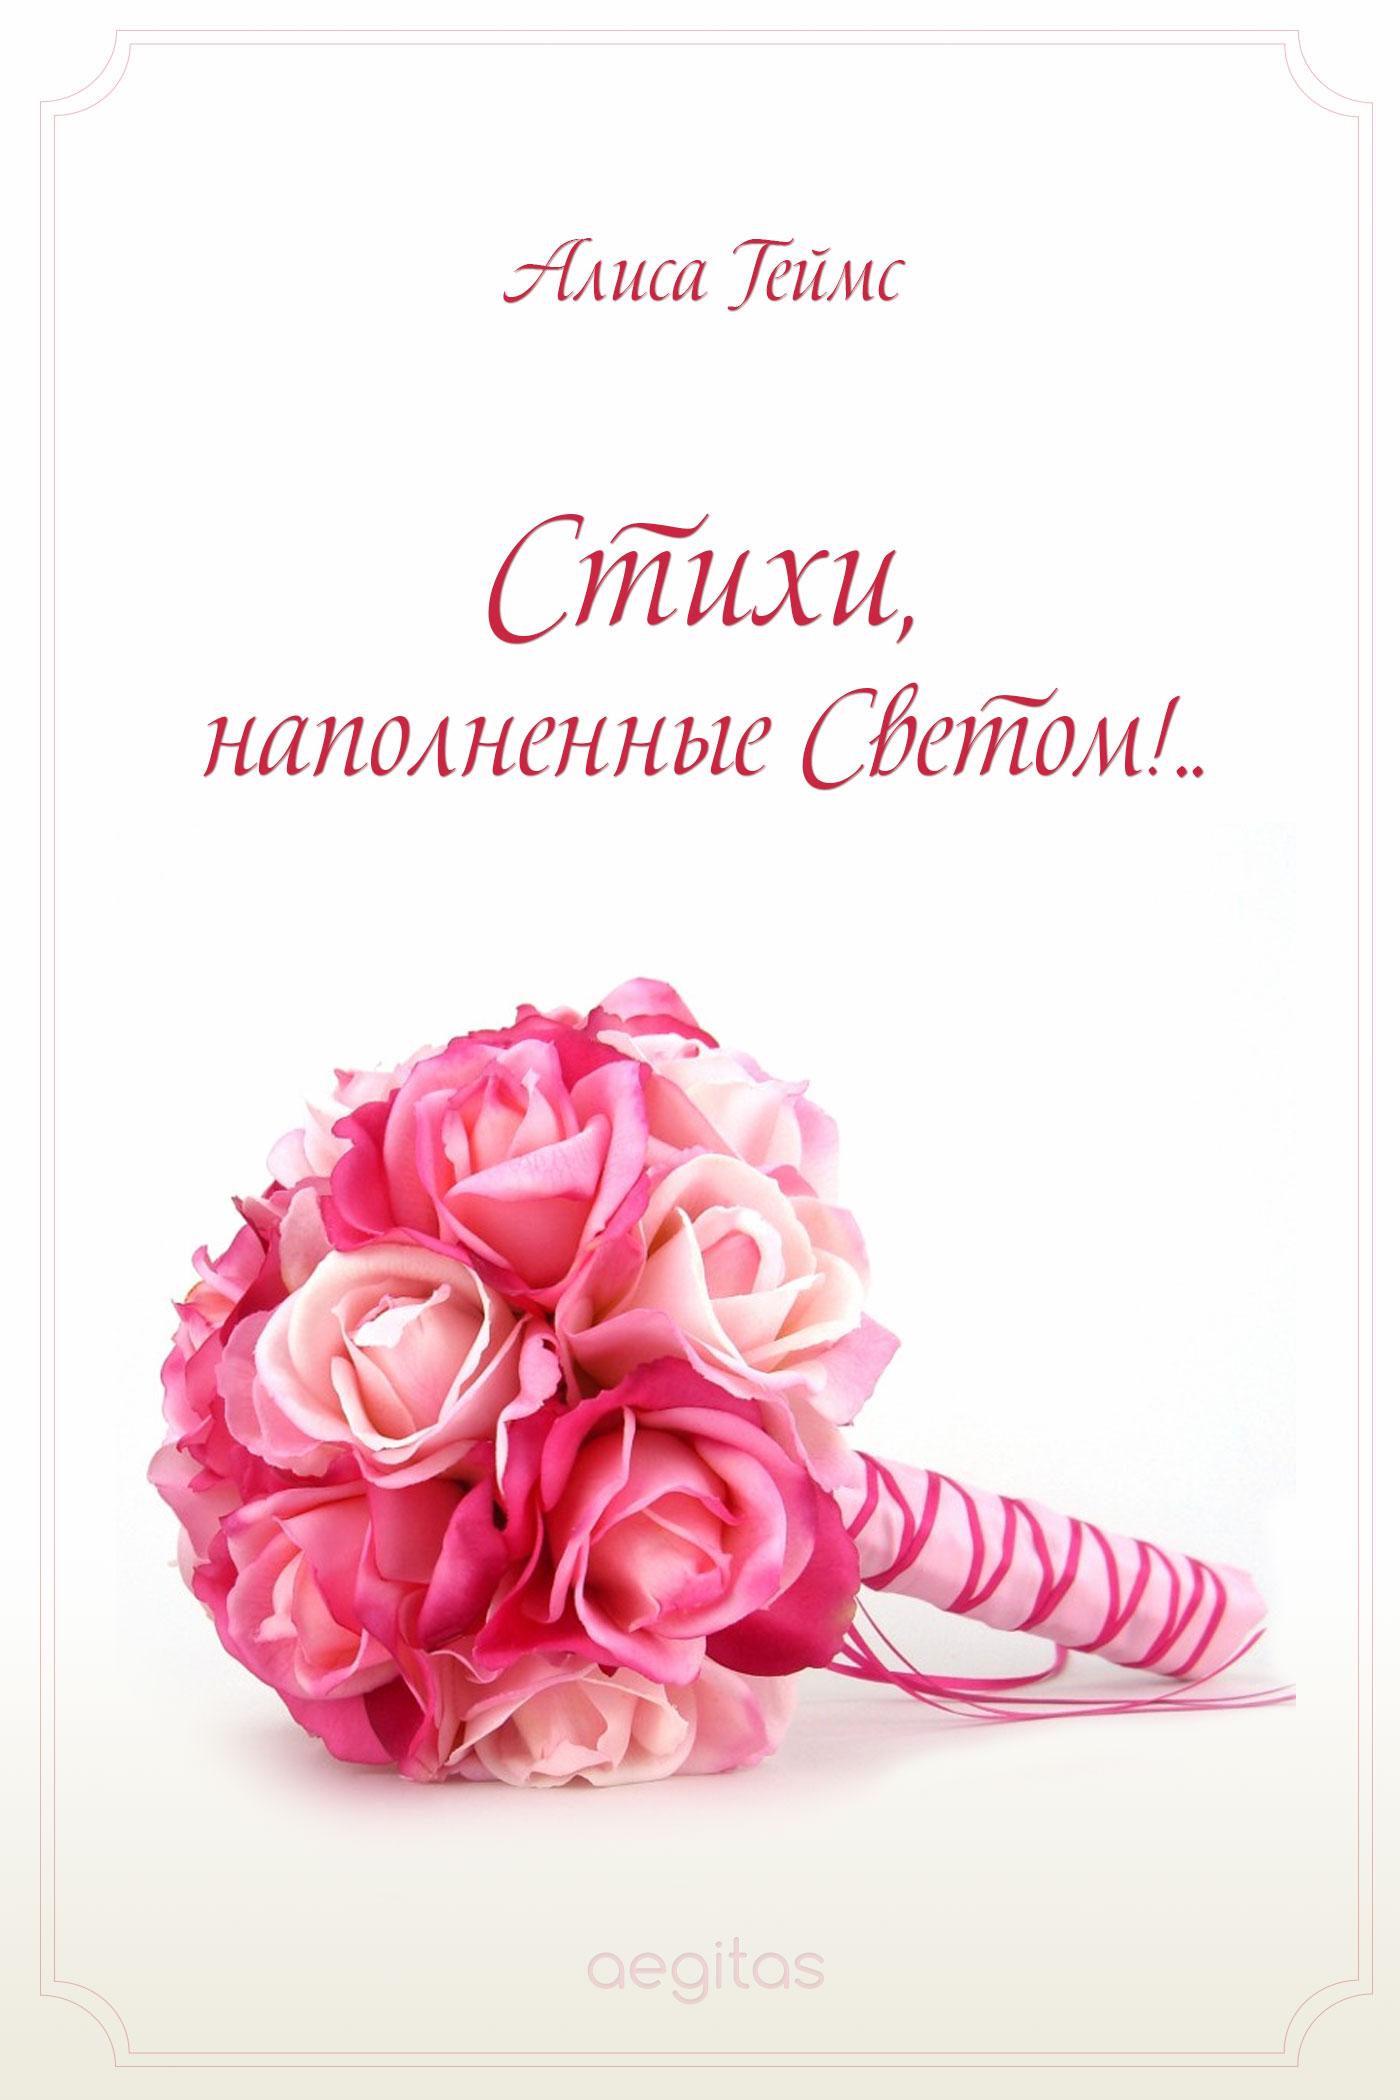 Алиса Геймс Стихи, наполненные Светом!.. алиса геймс цветок души